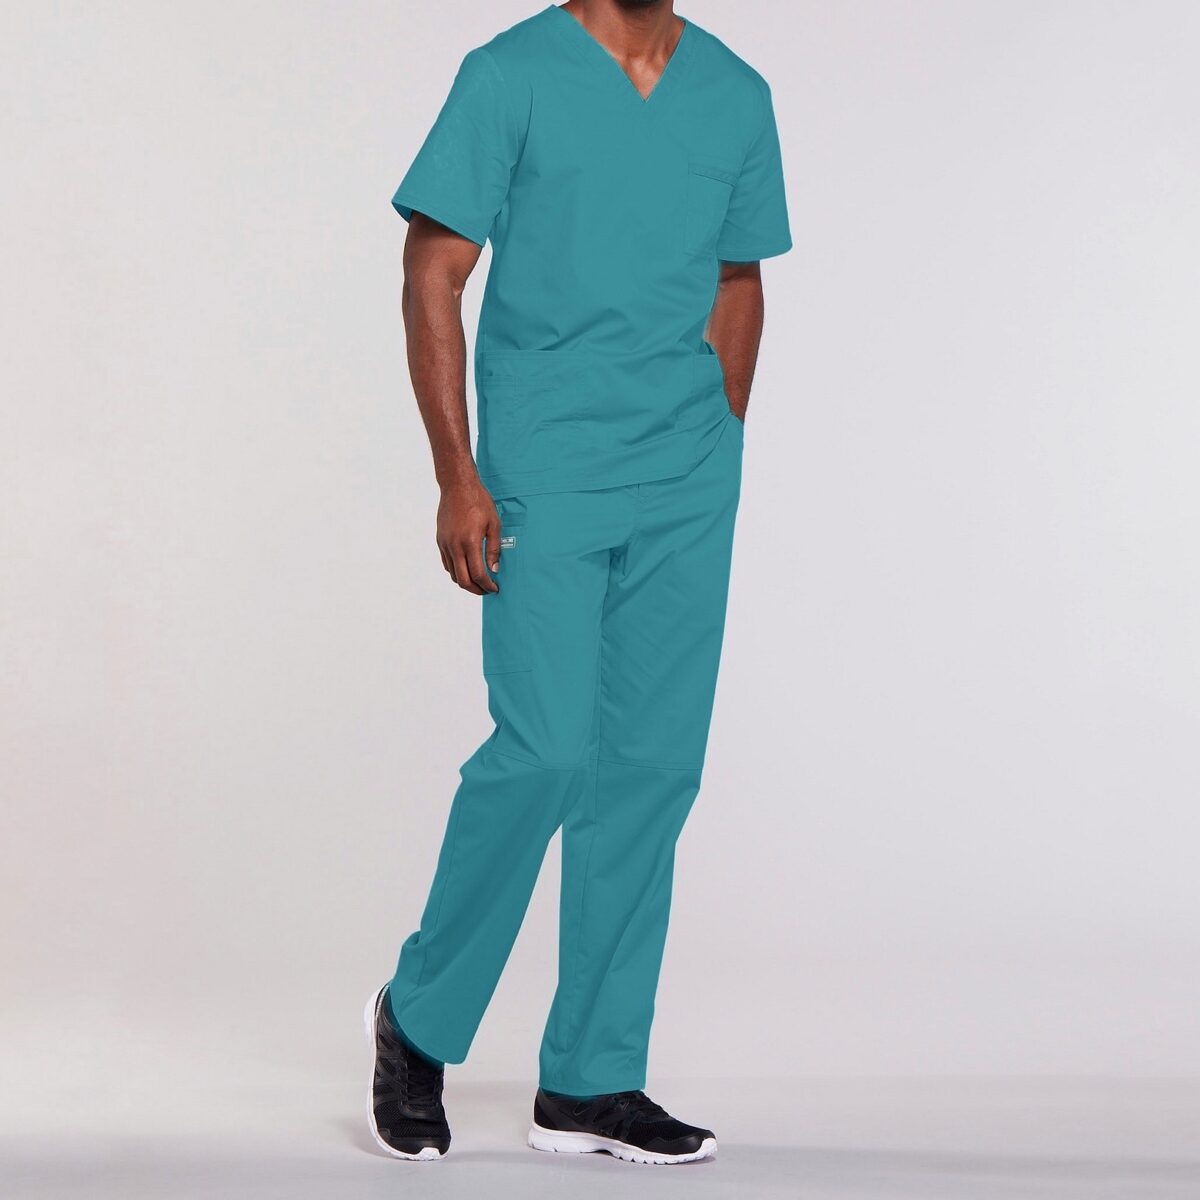 Мужской медицинский костюм Core Stretch цвет TLB